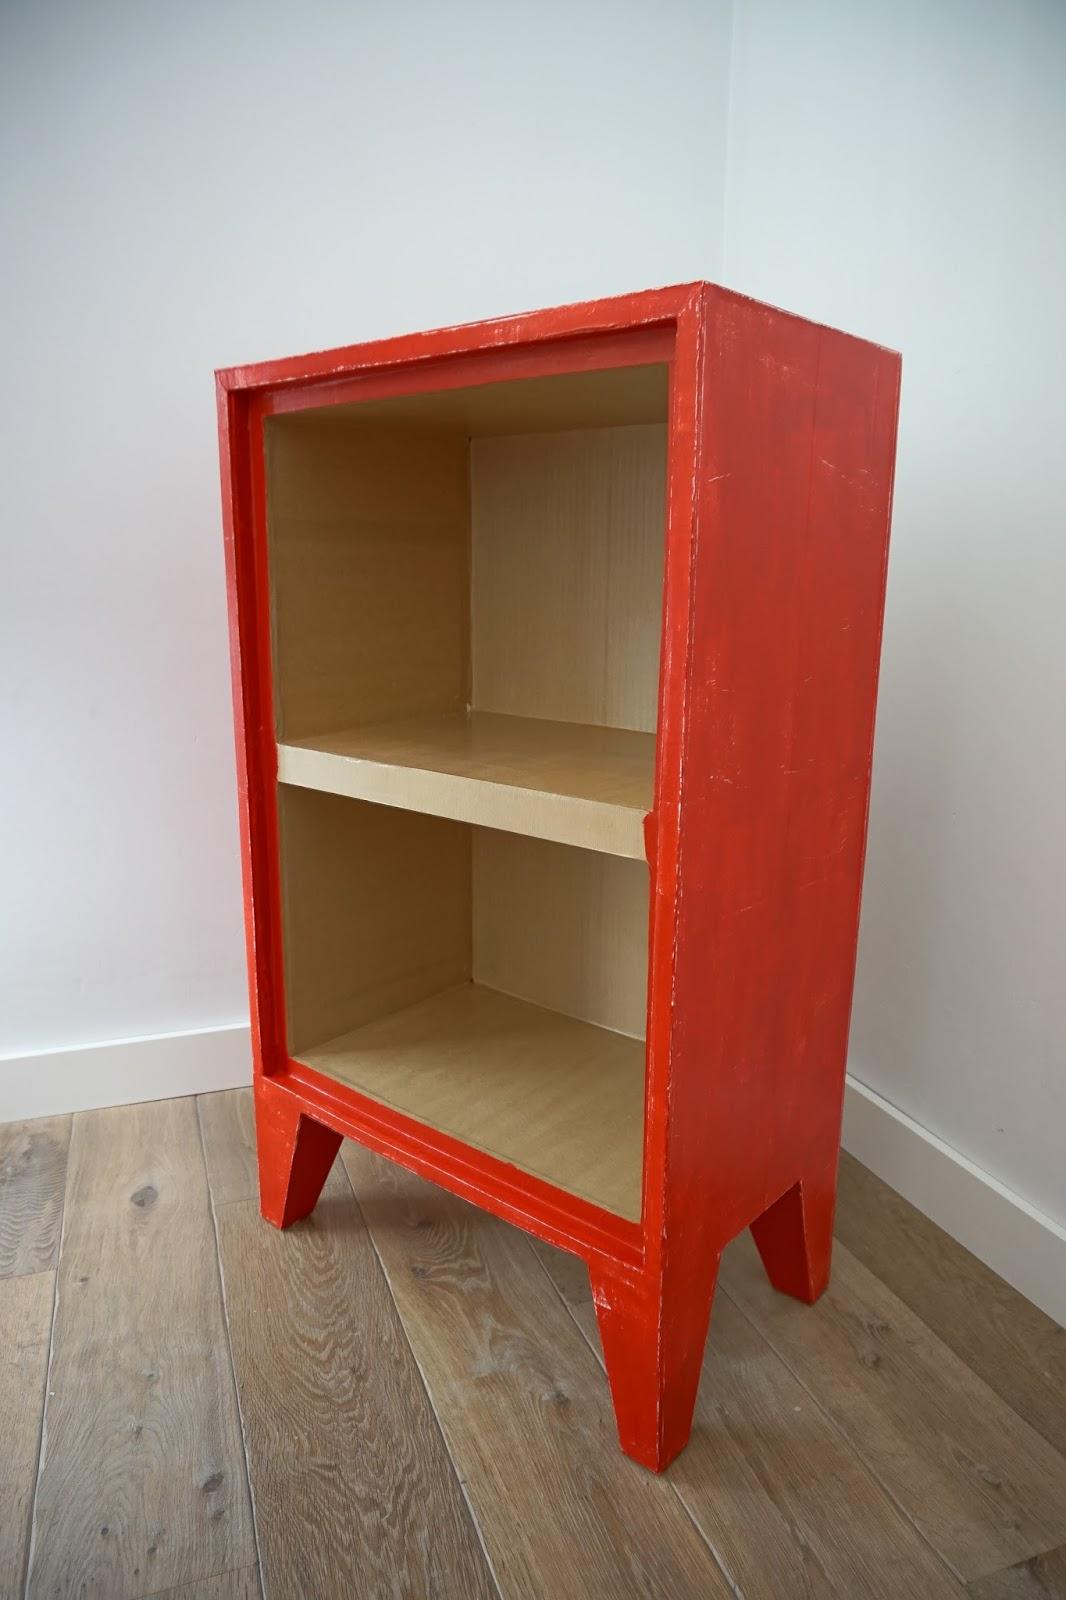 Monsieur carton un mueble vintage armario tipo taquilla 2 3 - Mueble armario ...